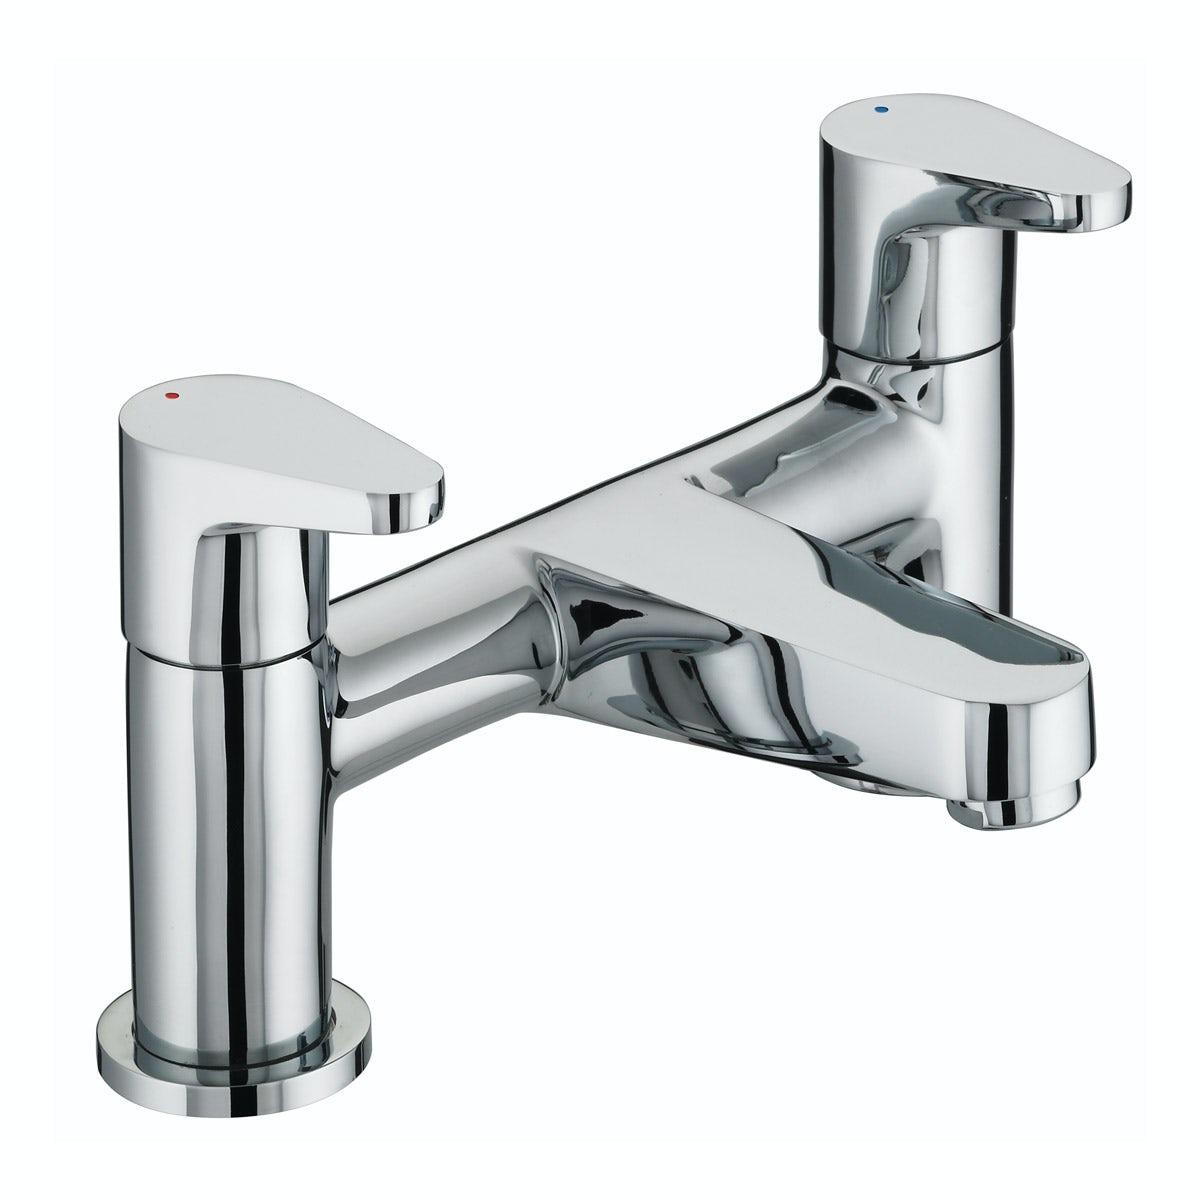 Bristan Quest Bath Mixer Tap | VictoriaPlum.com